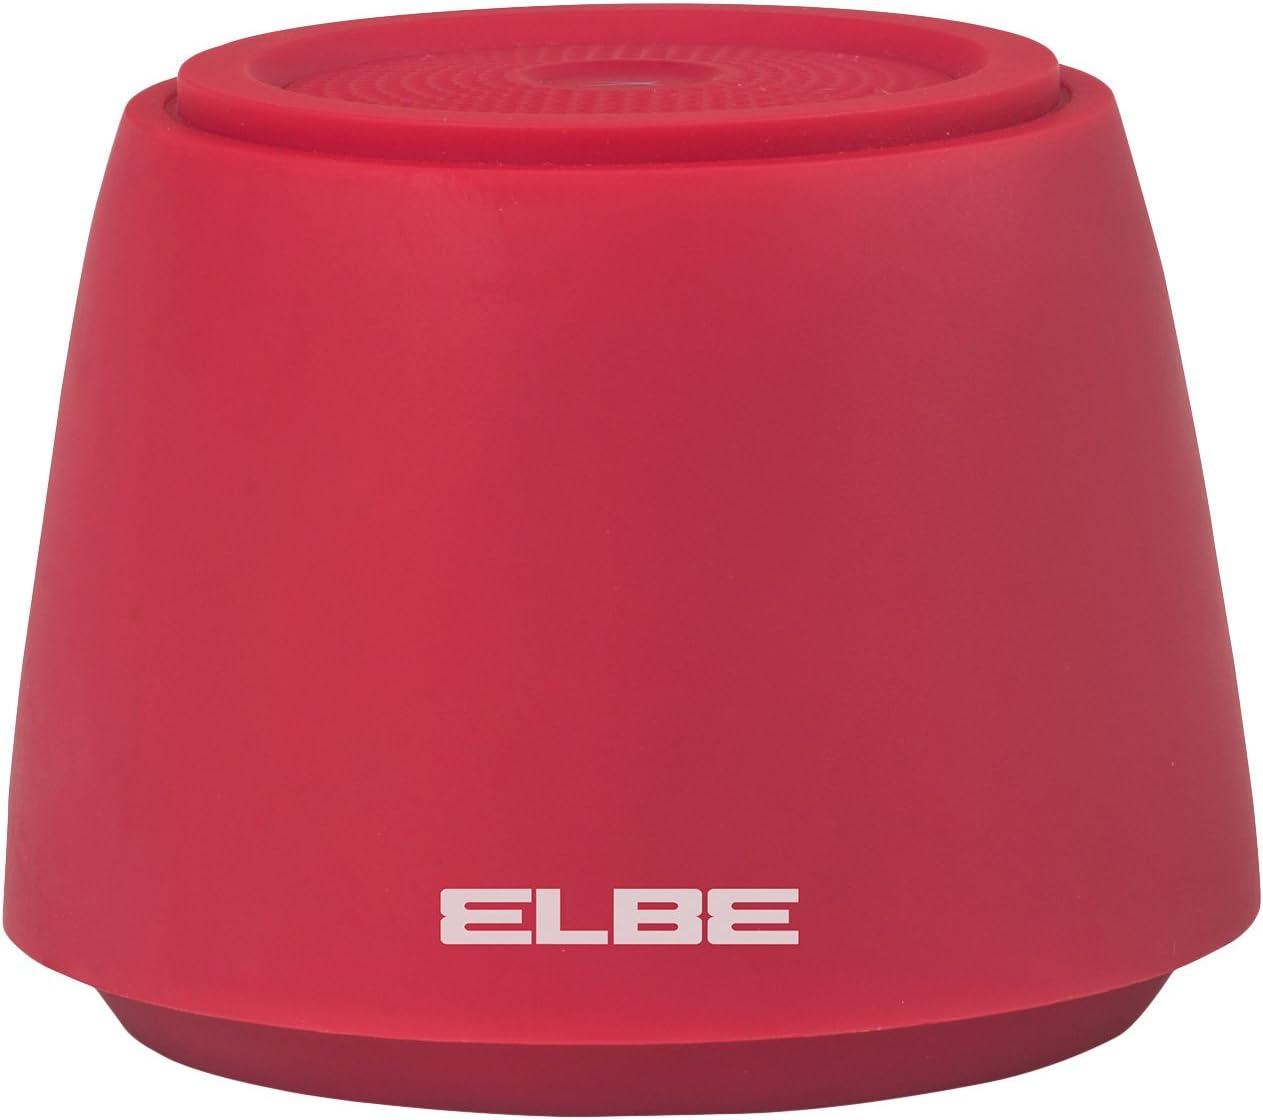 Elbe ALT-002-BT - Mini altavoz portátil Bluetooth V4.1 (2 W, 10 m, 2 horas de reproducción) color rojo